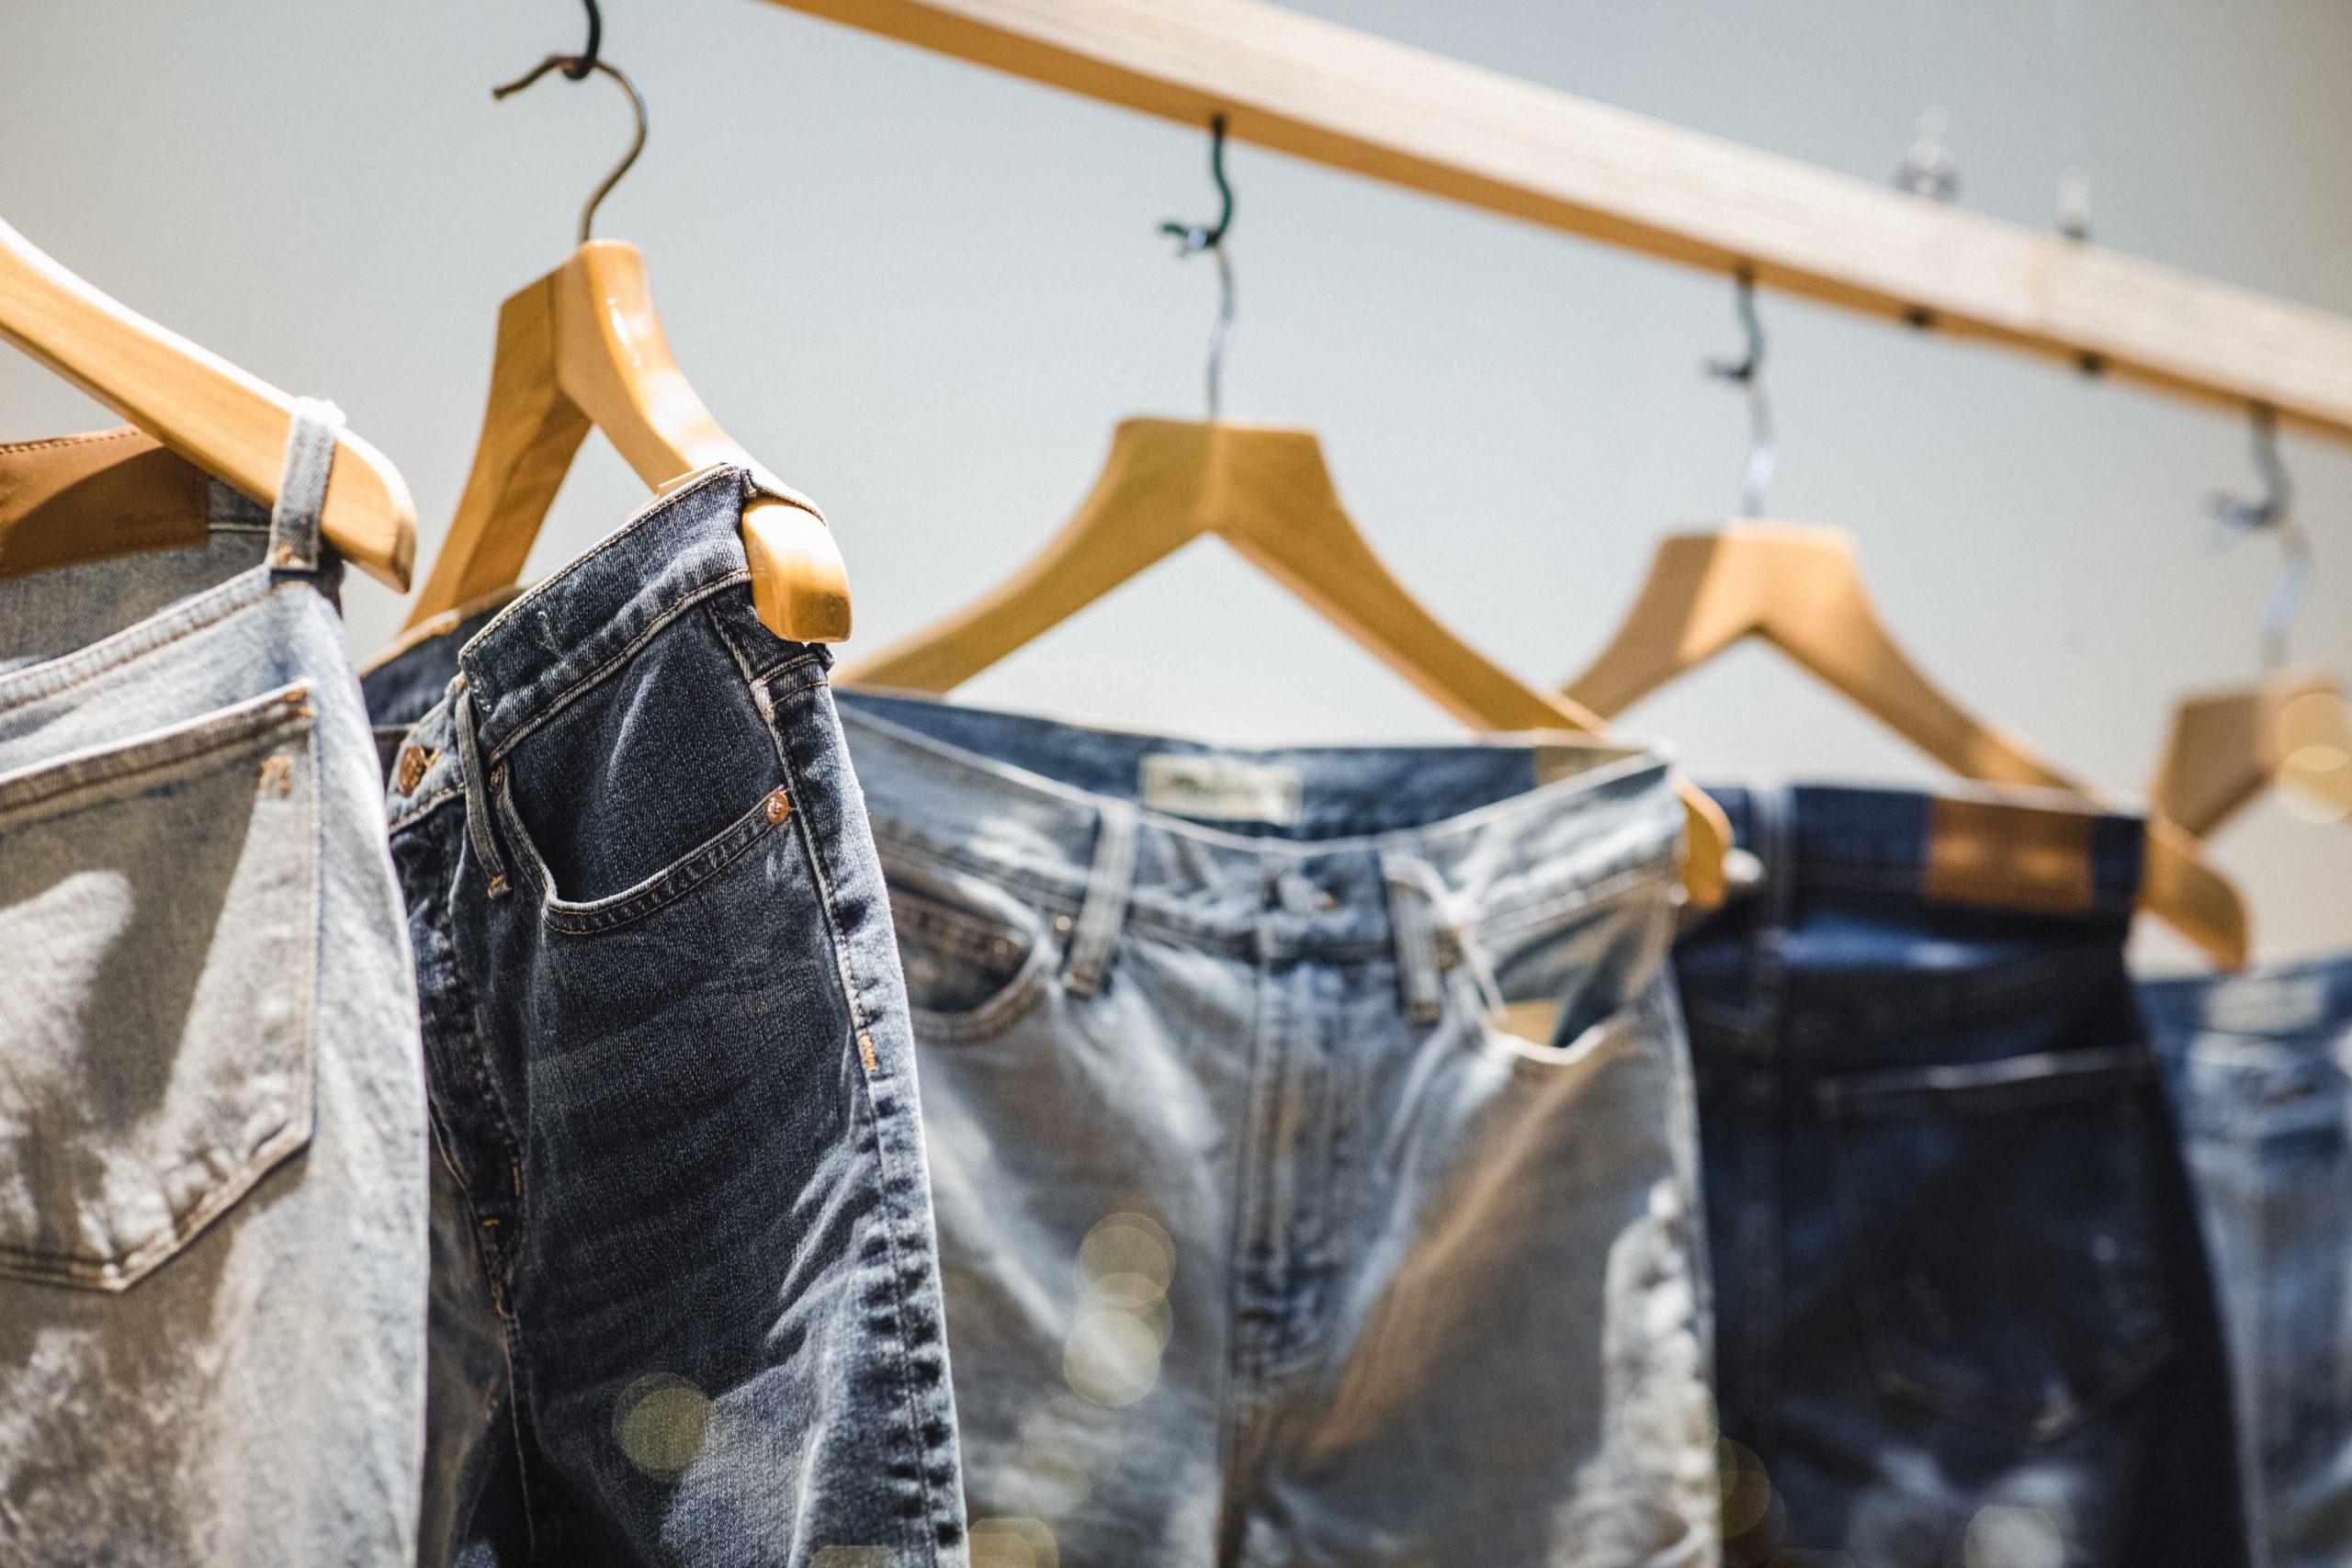 Comment éviter que nos jeans ne détruisent la biodiversité marine ?